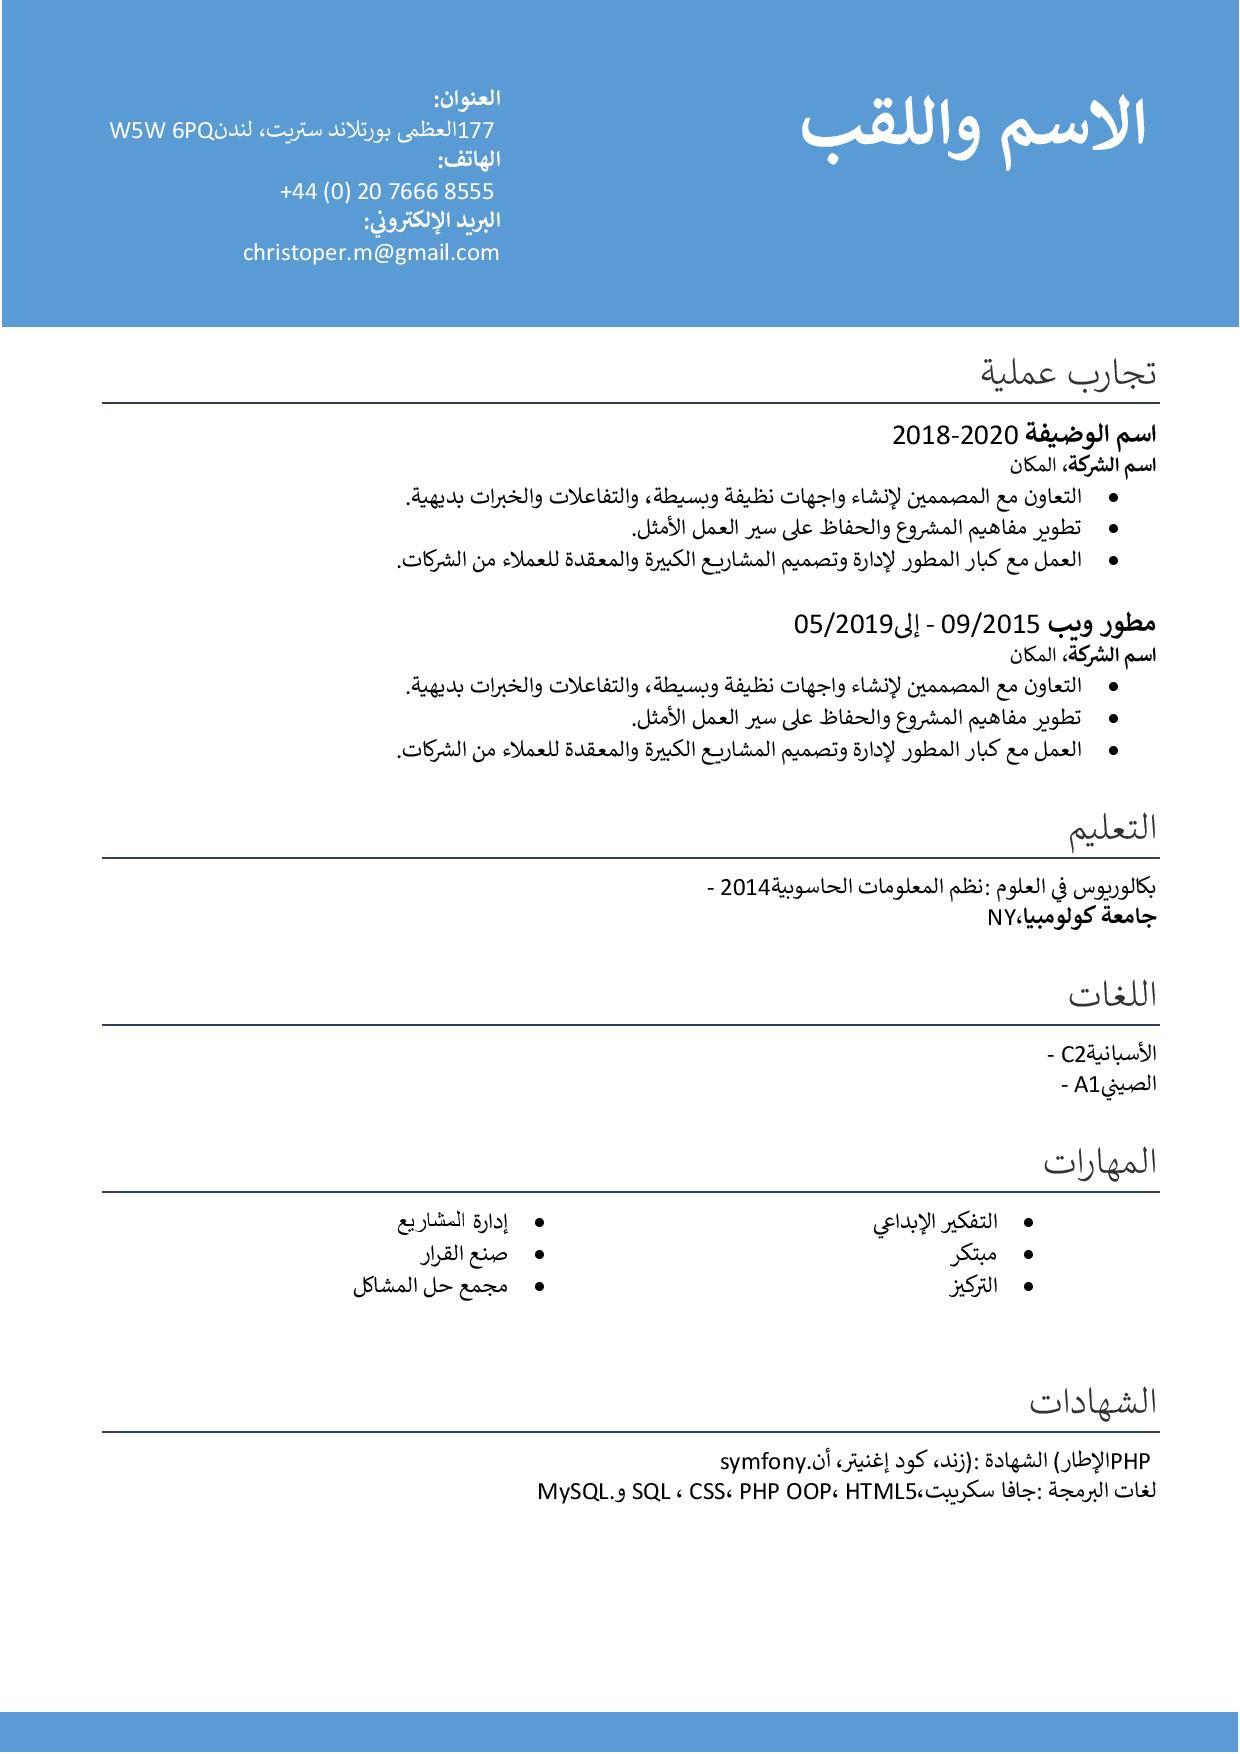 وورد 2003 عربي مجانا